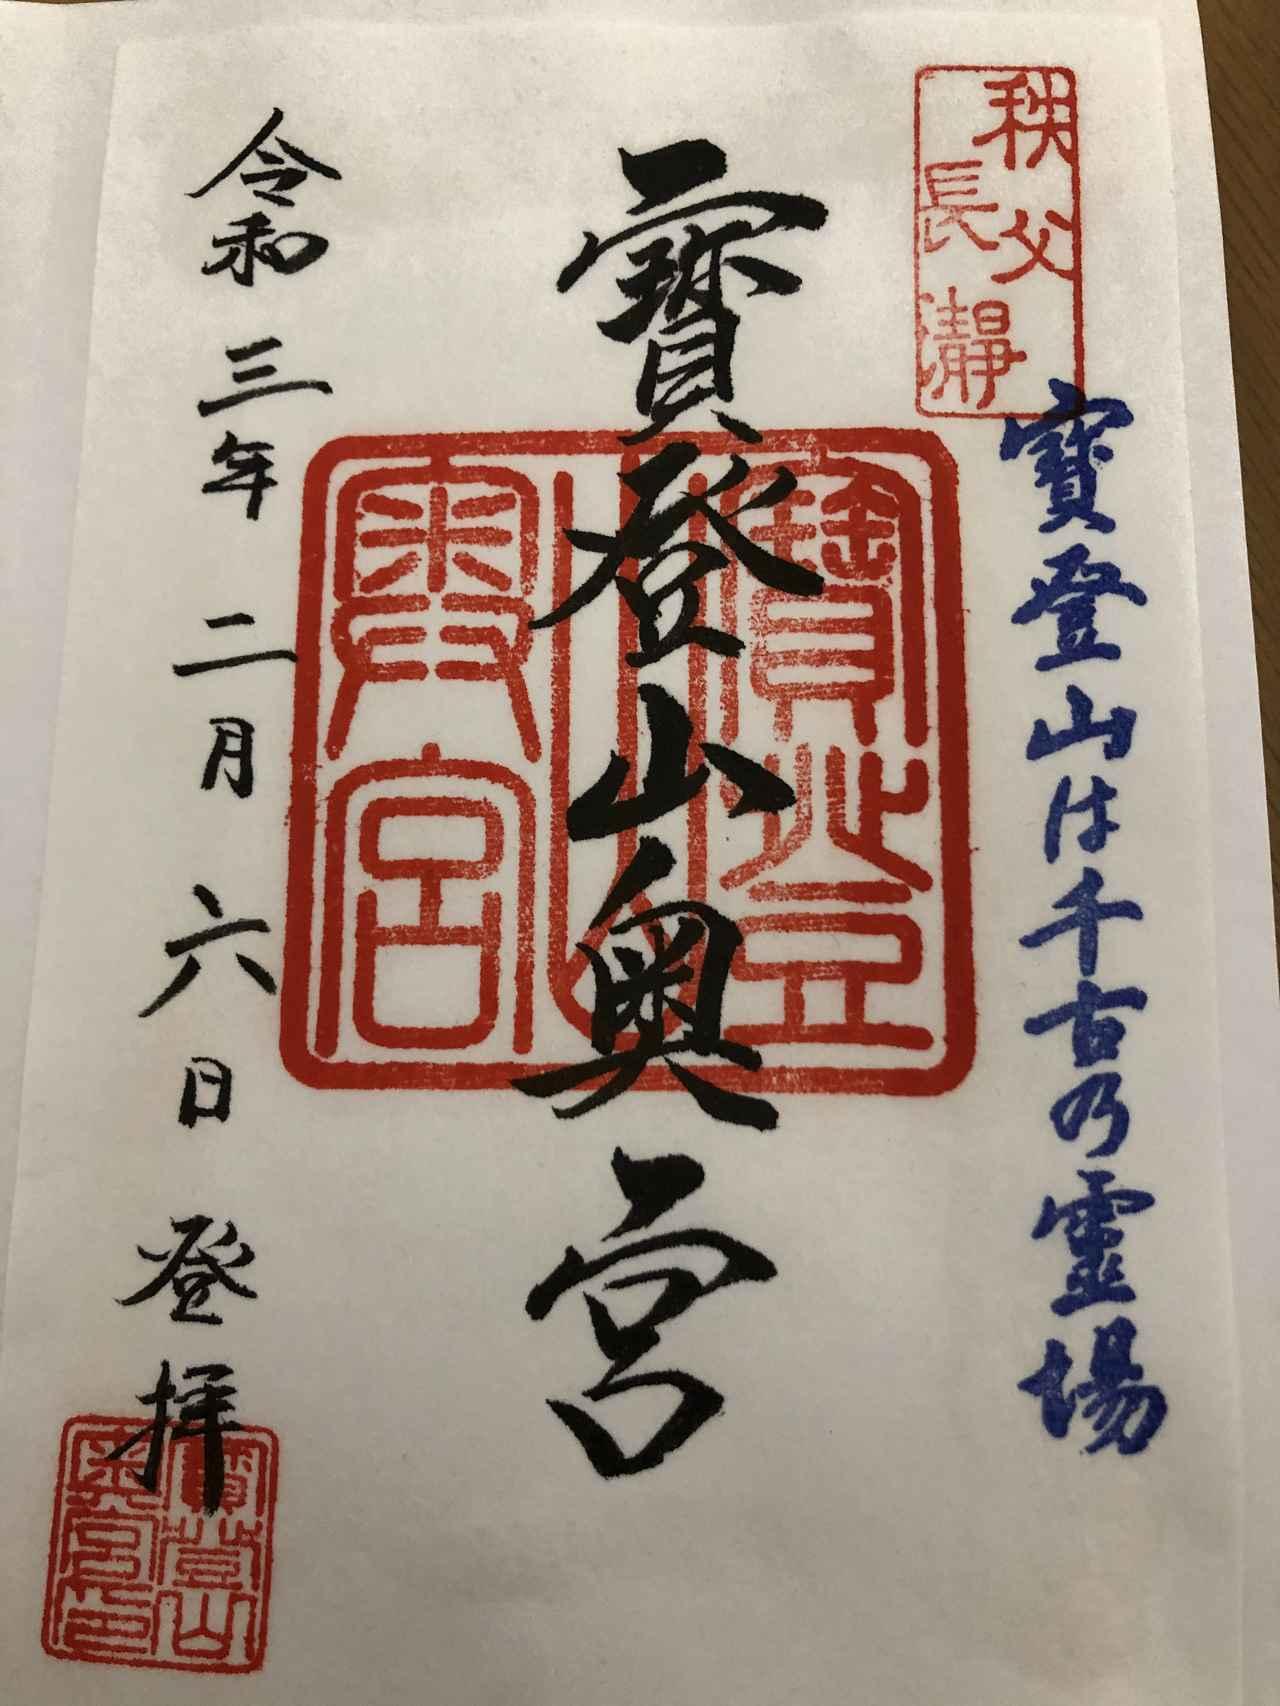 画像: 宝登山神社奥宮 御朱印 2021/2/6現在は直書きではありませんでした